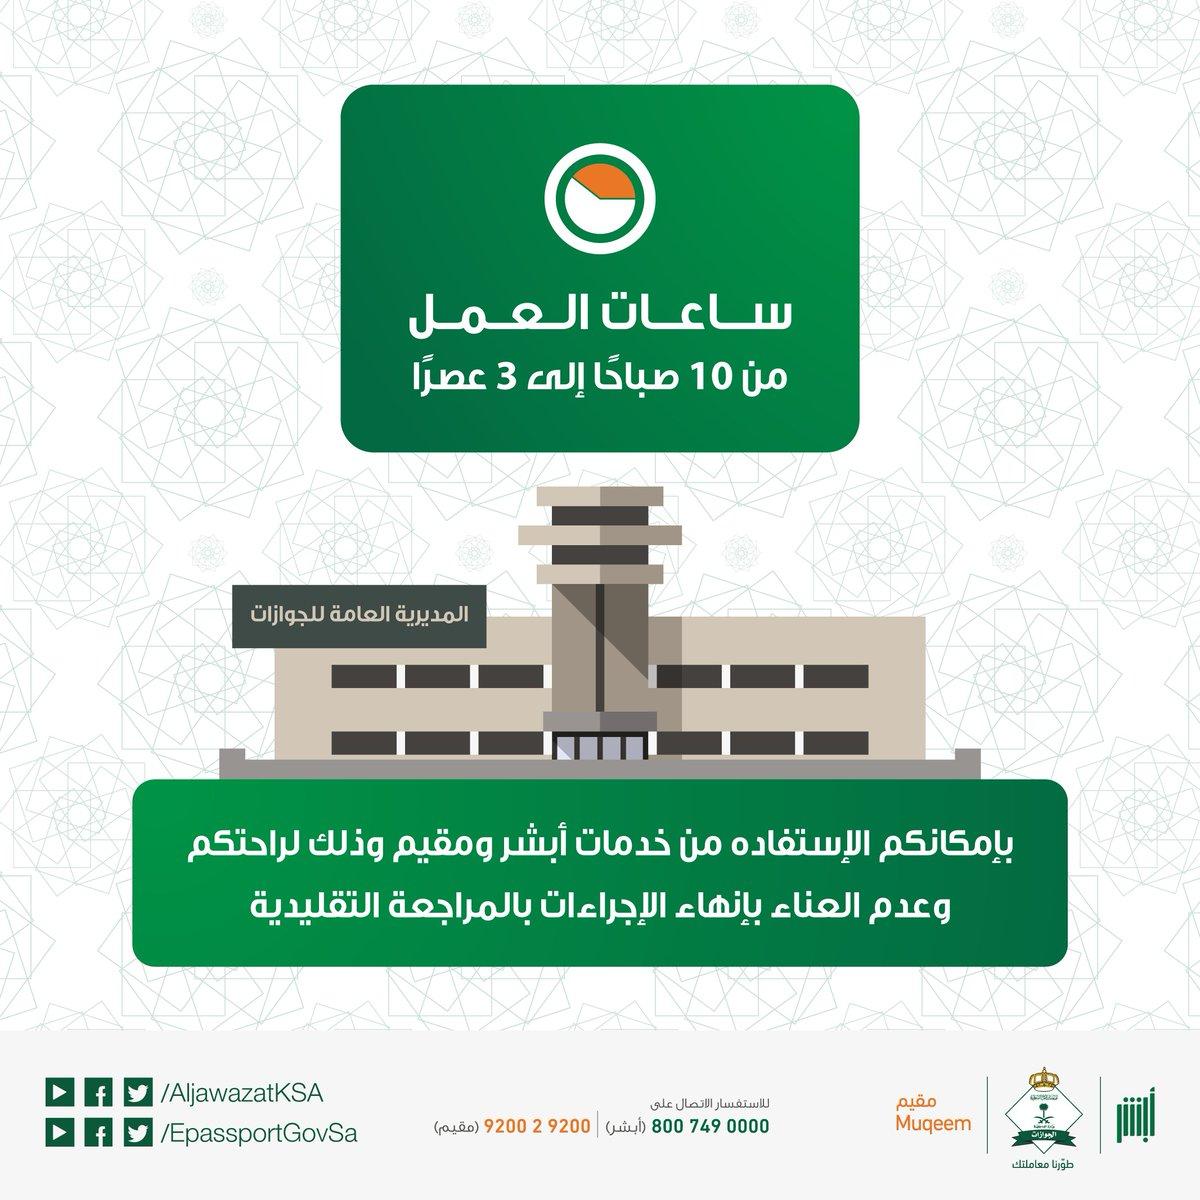 مستشفى مجهري كآبة ساعات عمل الجوازات Translucent Network Org